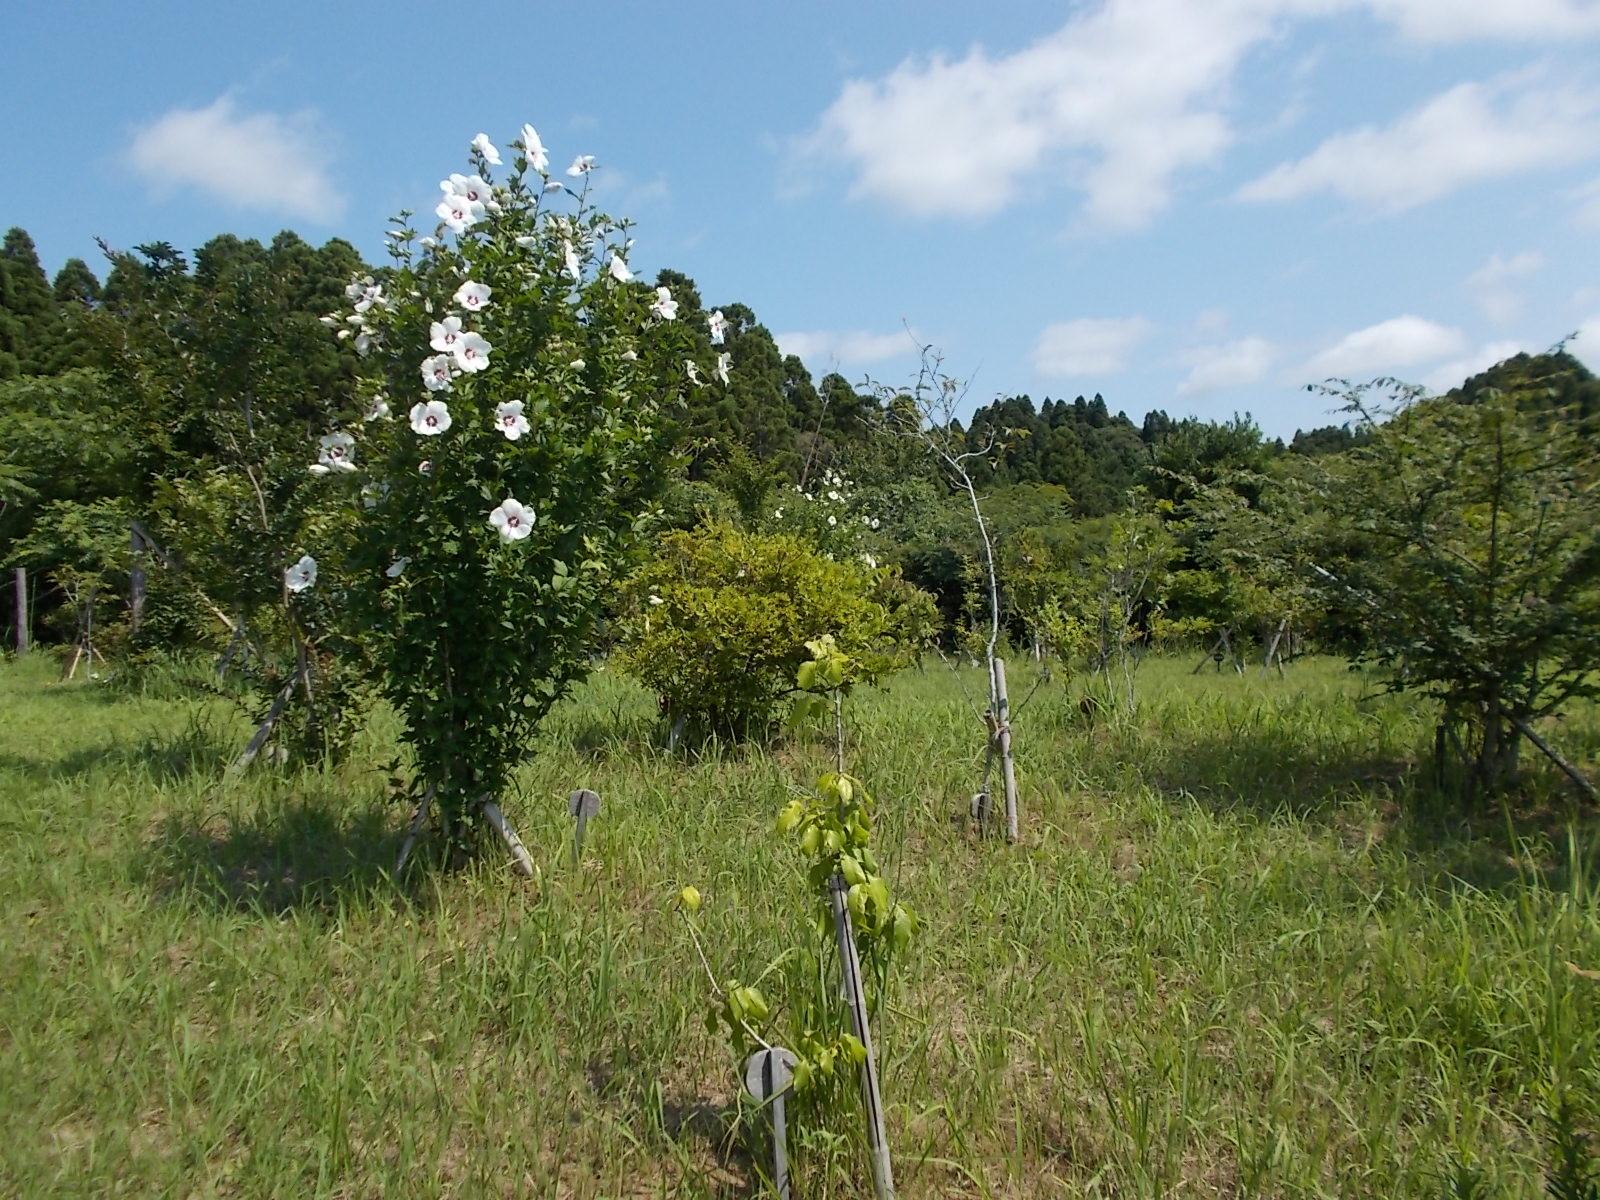 ムクゲが咲き始めました。第三樹木葬地